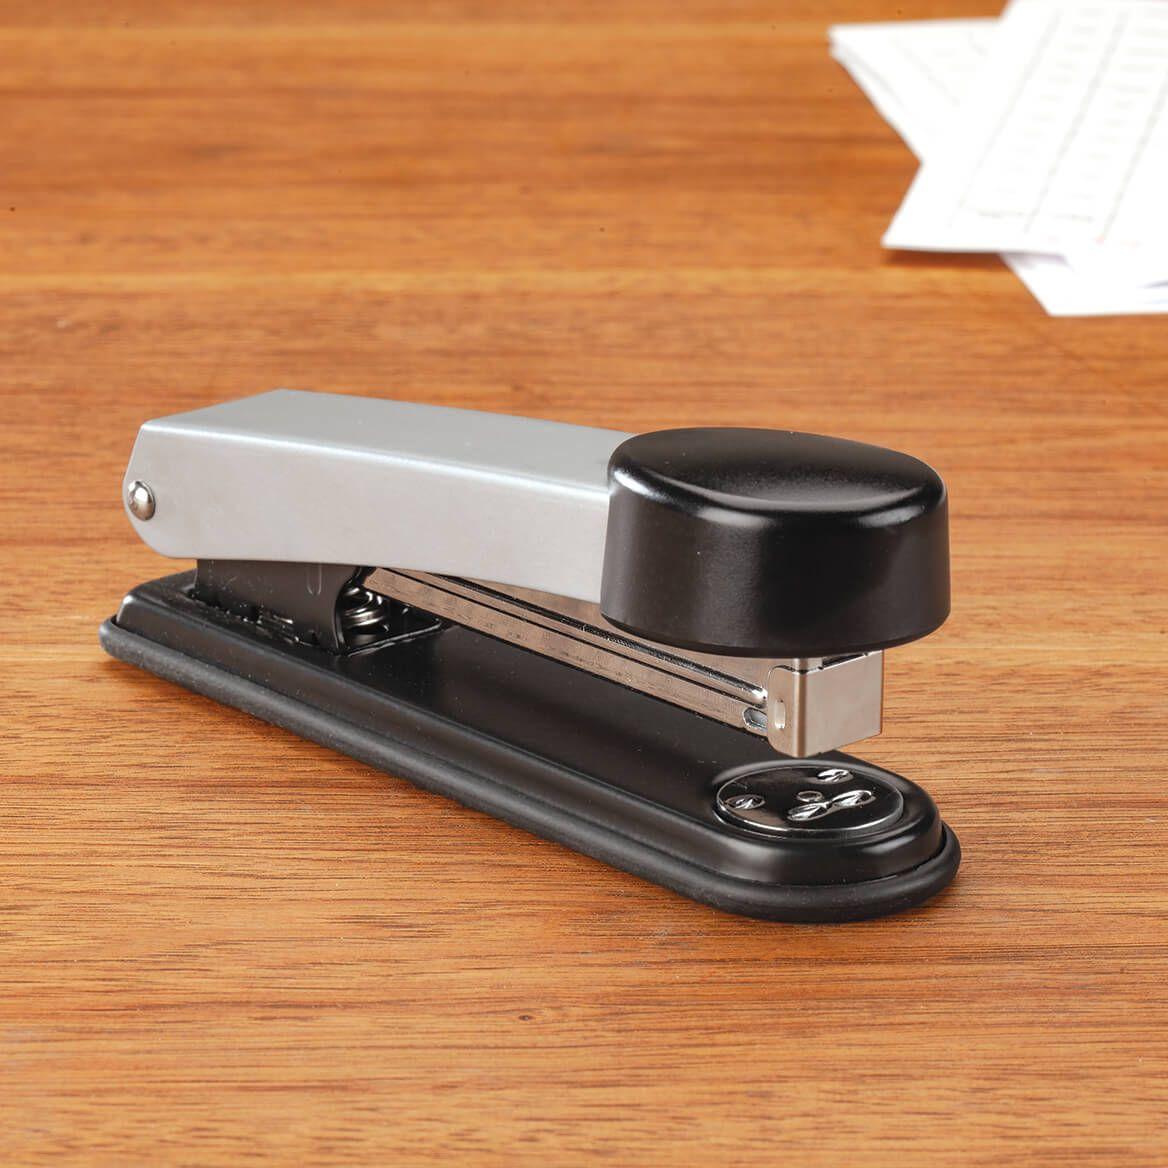 Officemate® OIC® Standard Desk Stapler Silver-371044